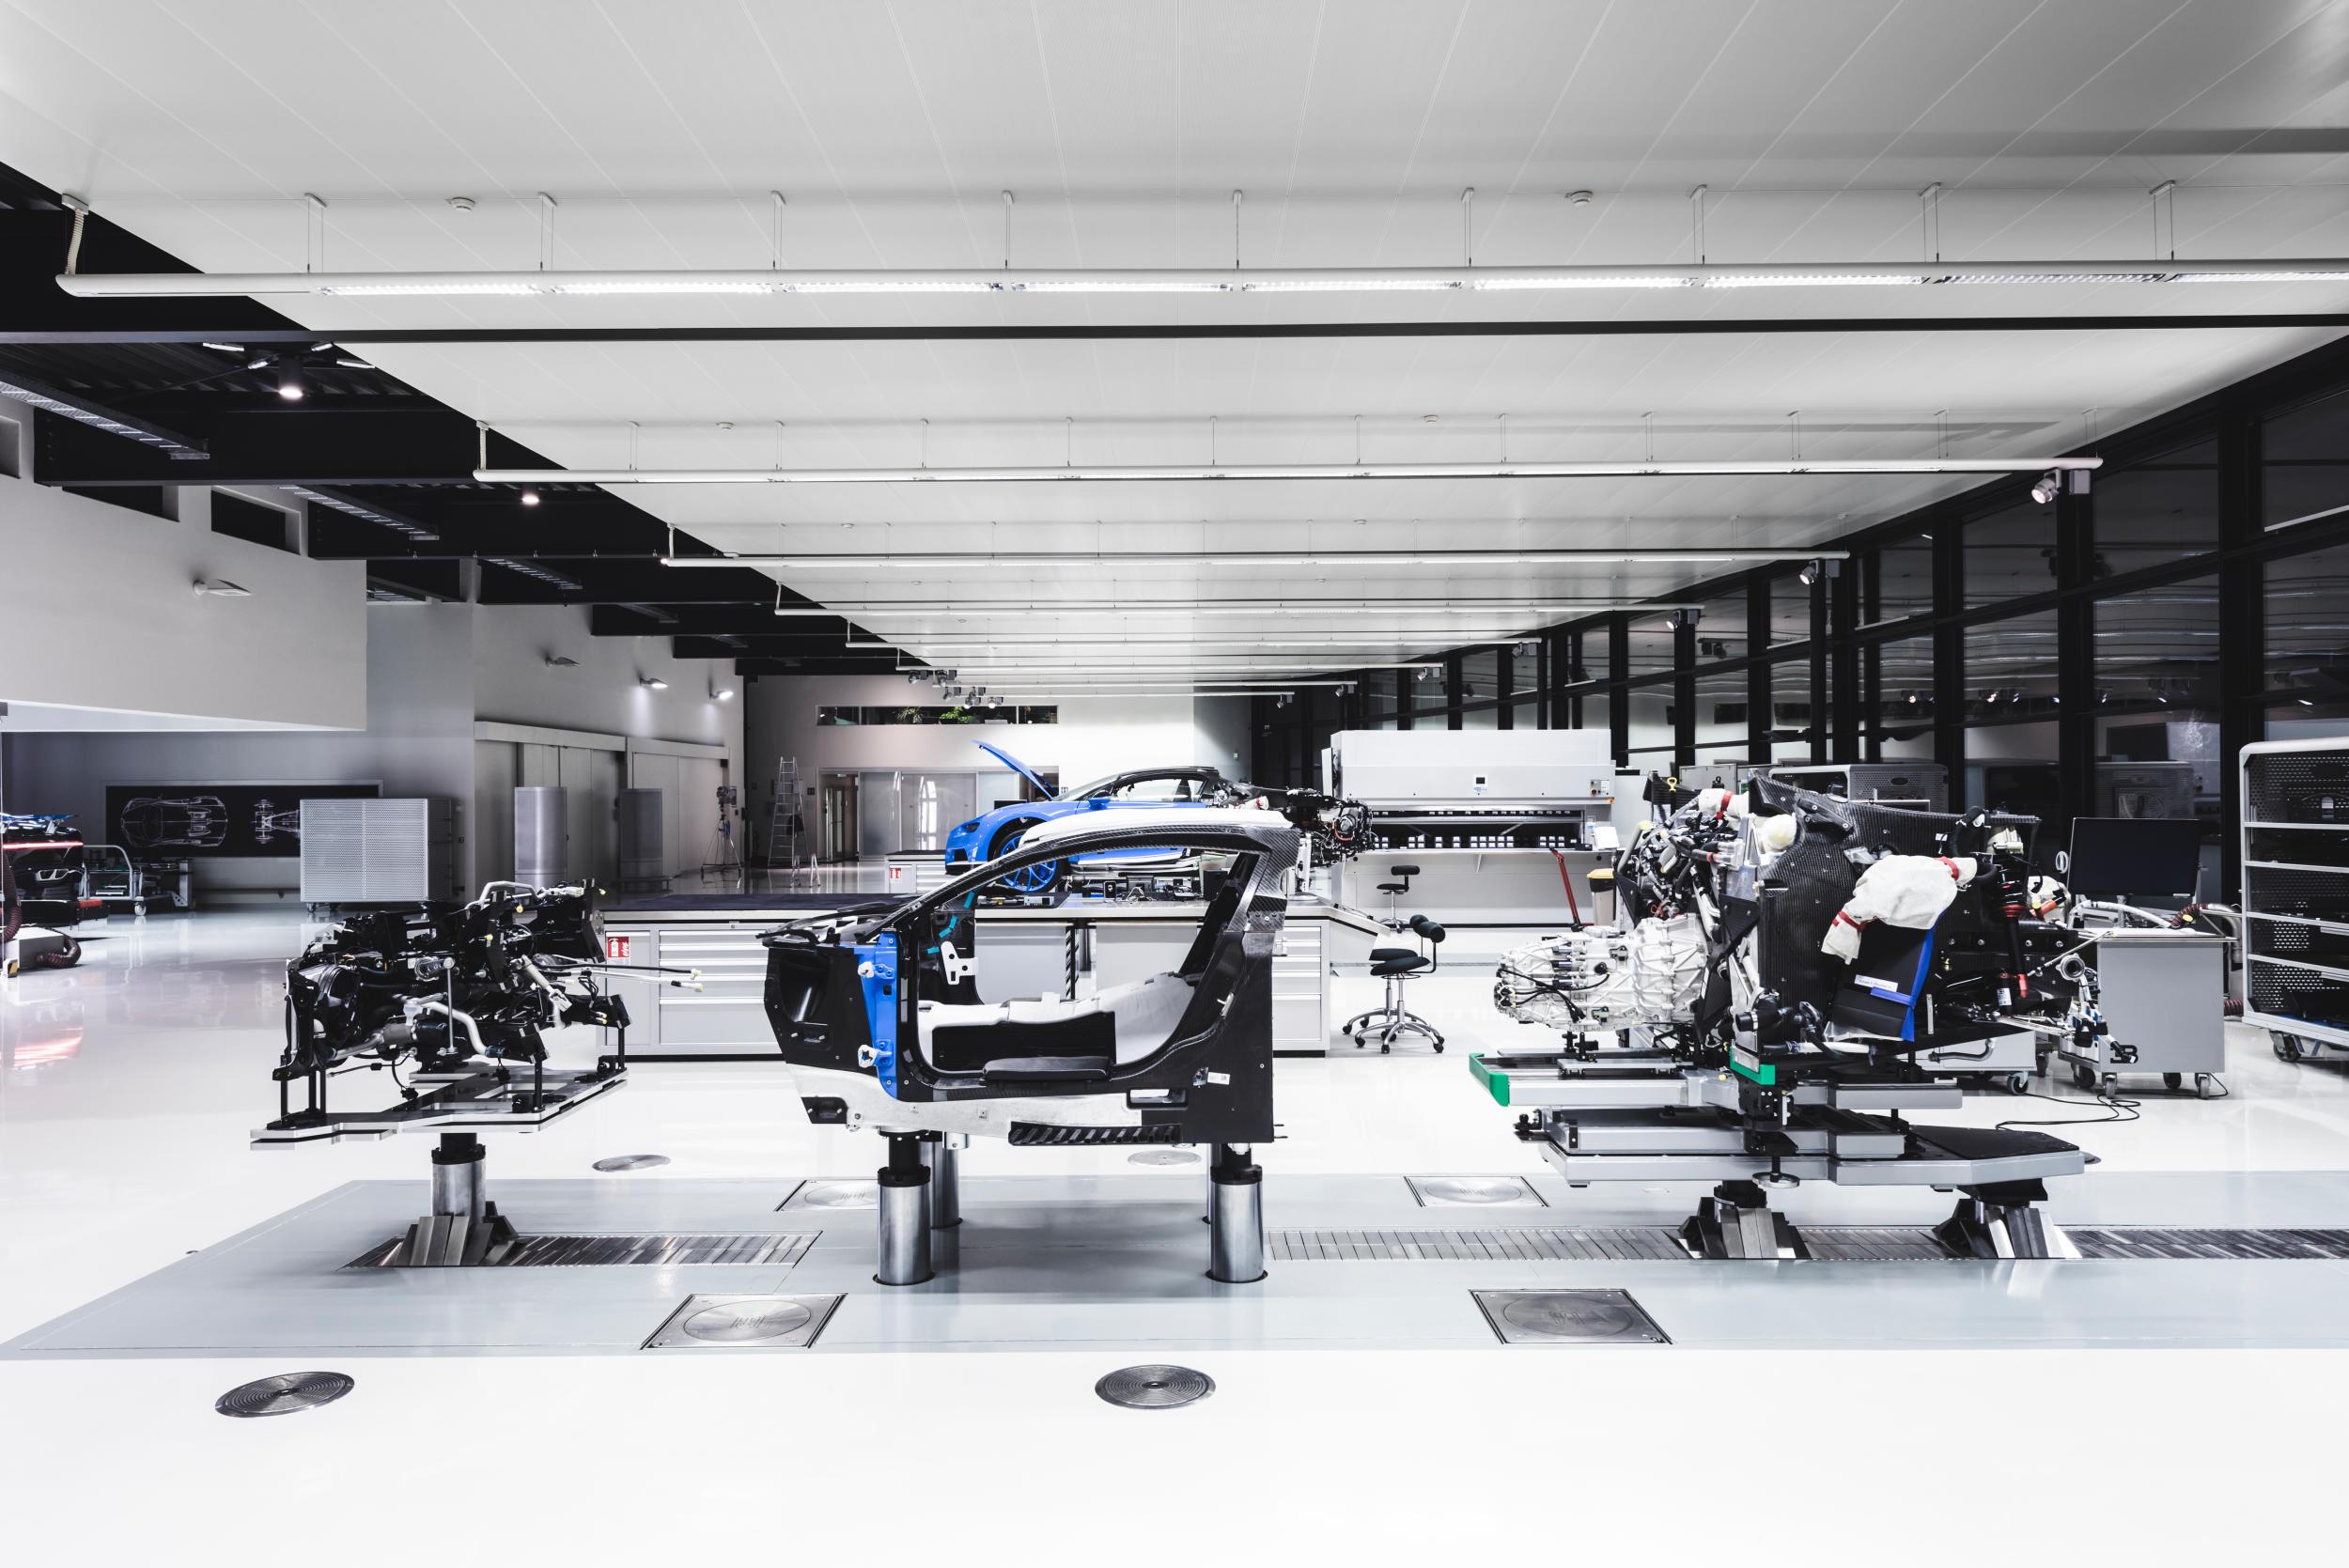 Bugatti chiron fabriek MAN MAN 5